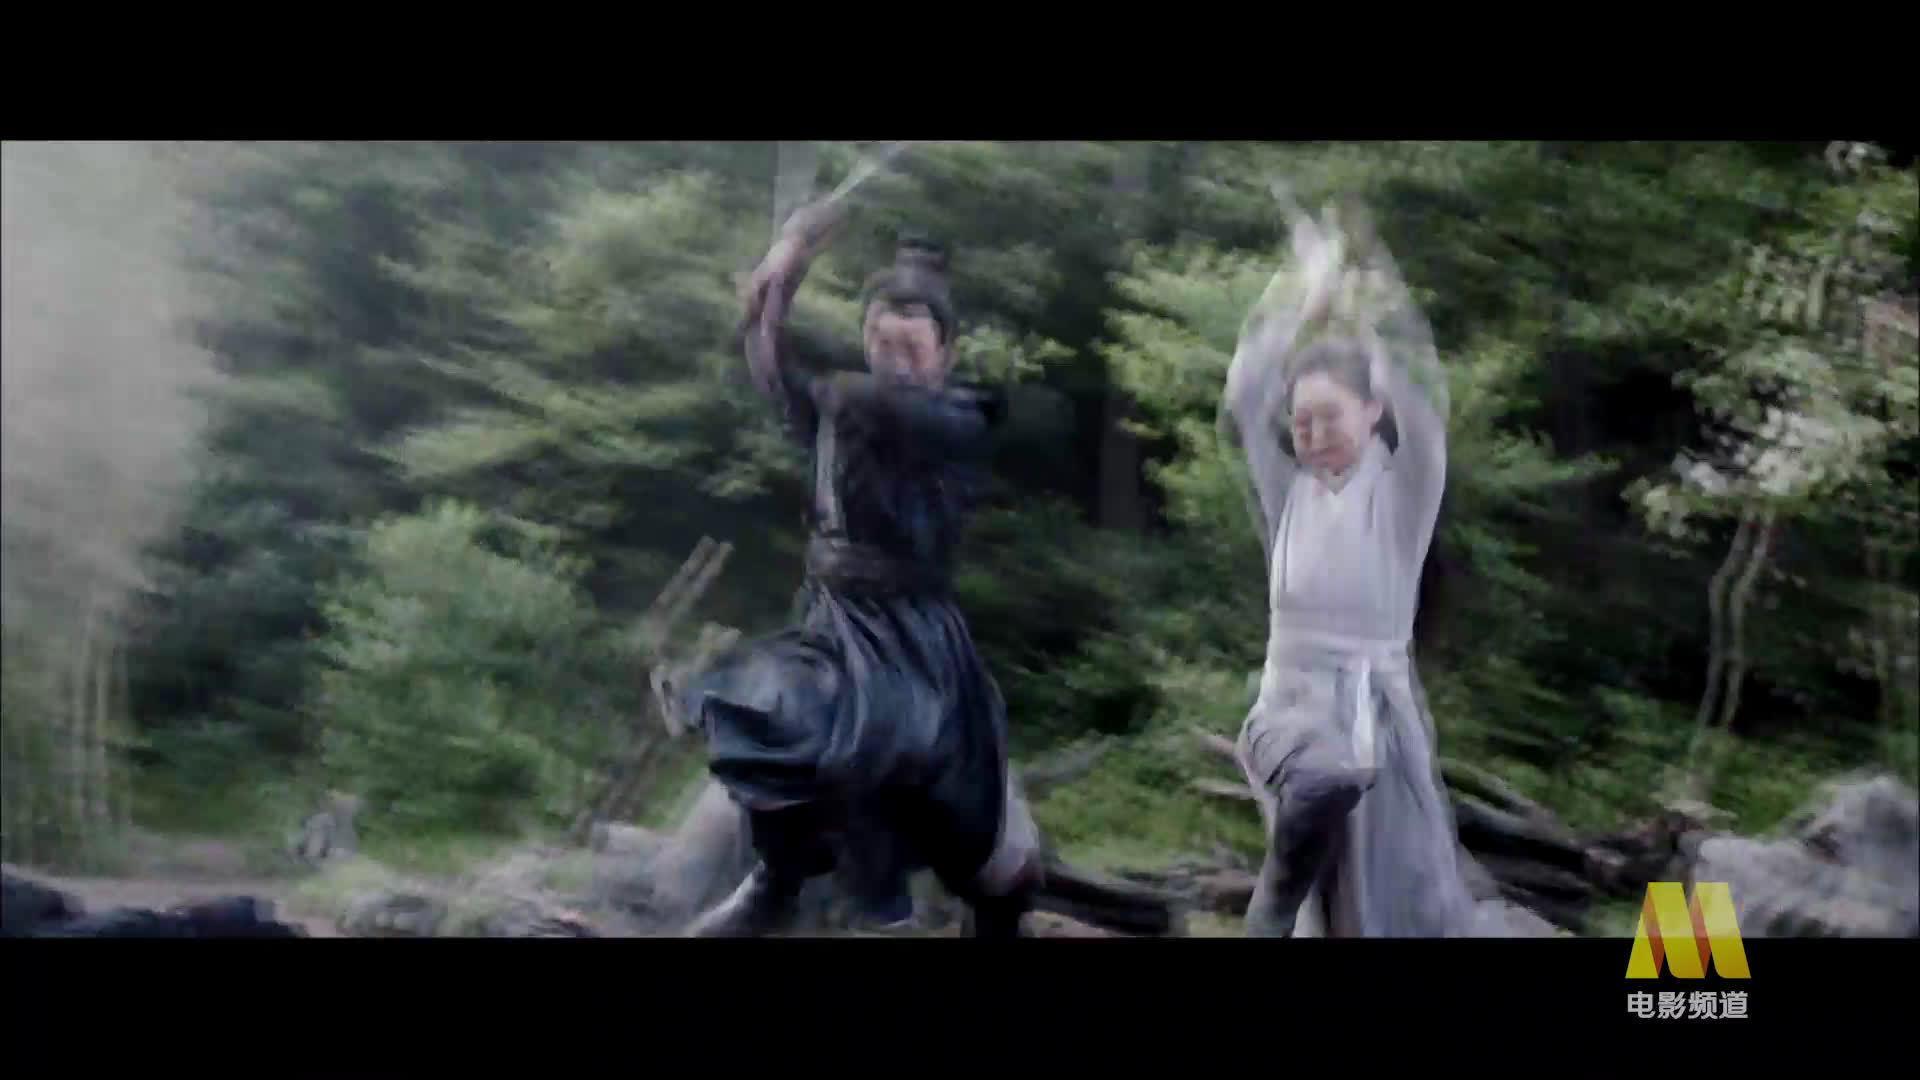 《绣春刀2修罗战场》由张震、杨幂、张译、雷佳音、辛芷蕾主演